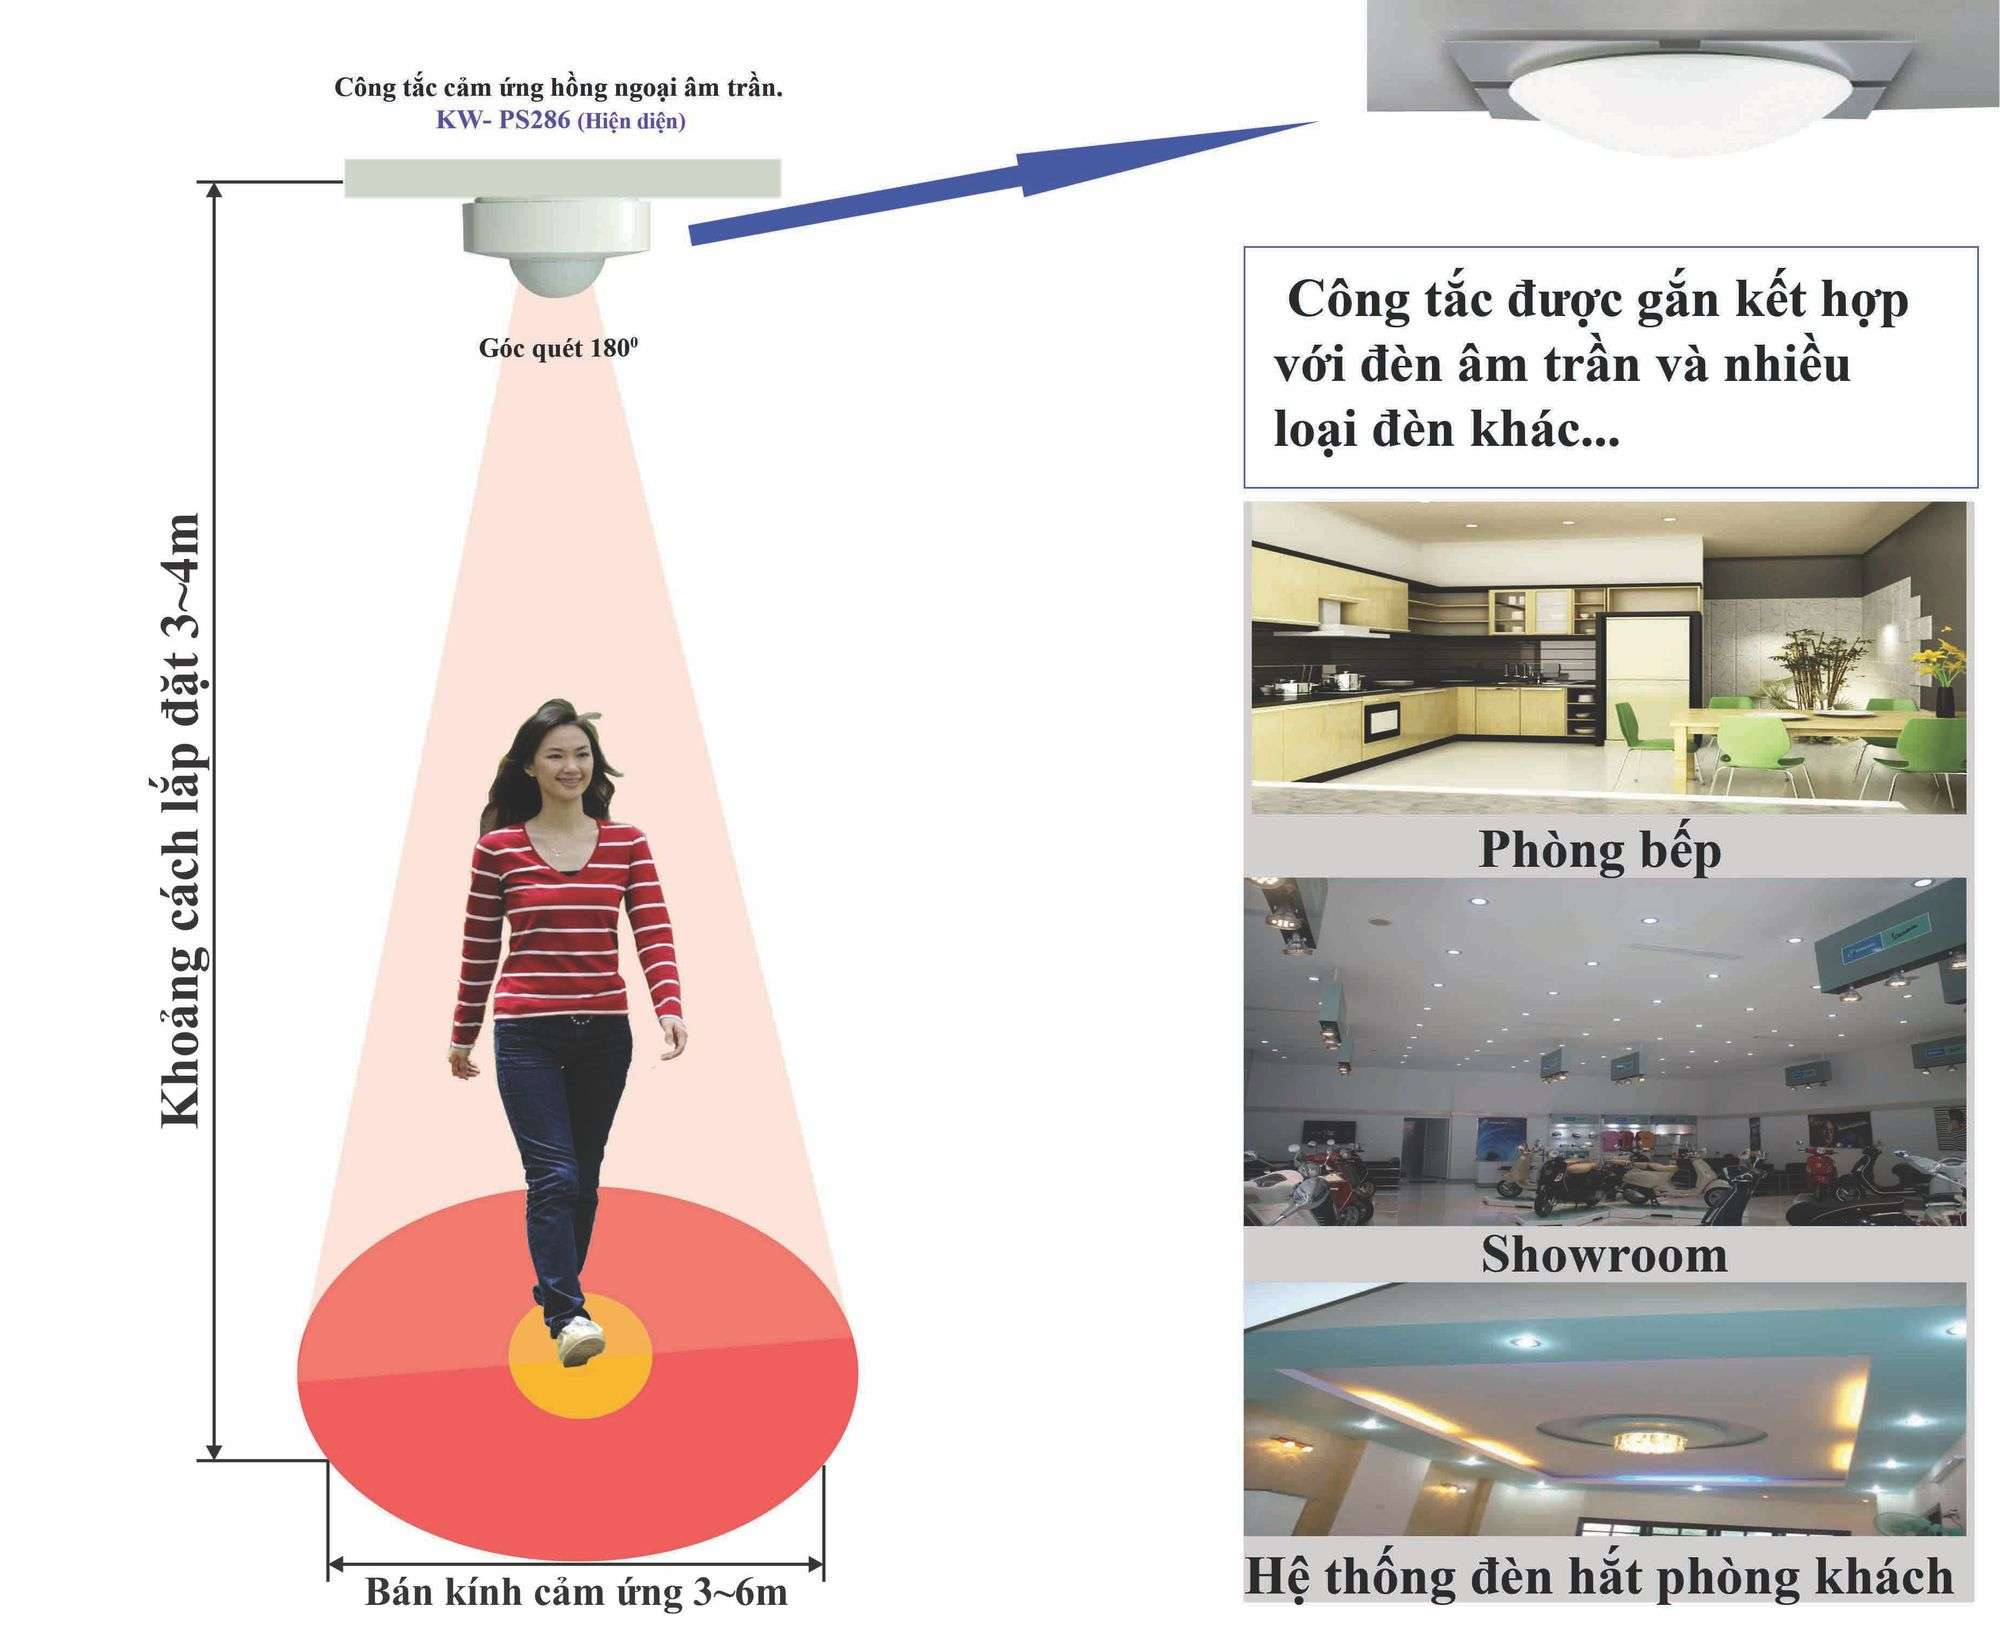 Góc quét rộng đến 180 độ, bán kính cảm ứng từ 3-6 mét